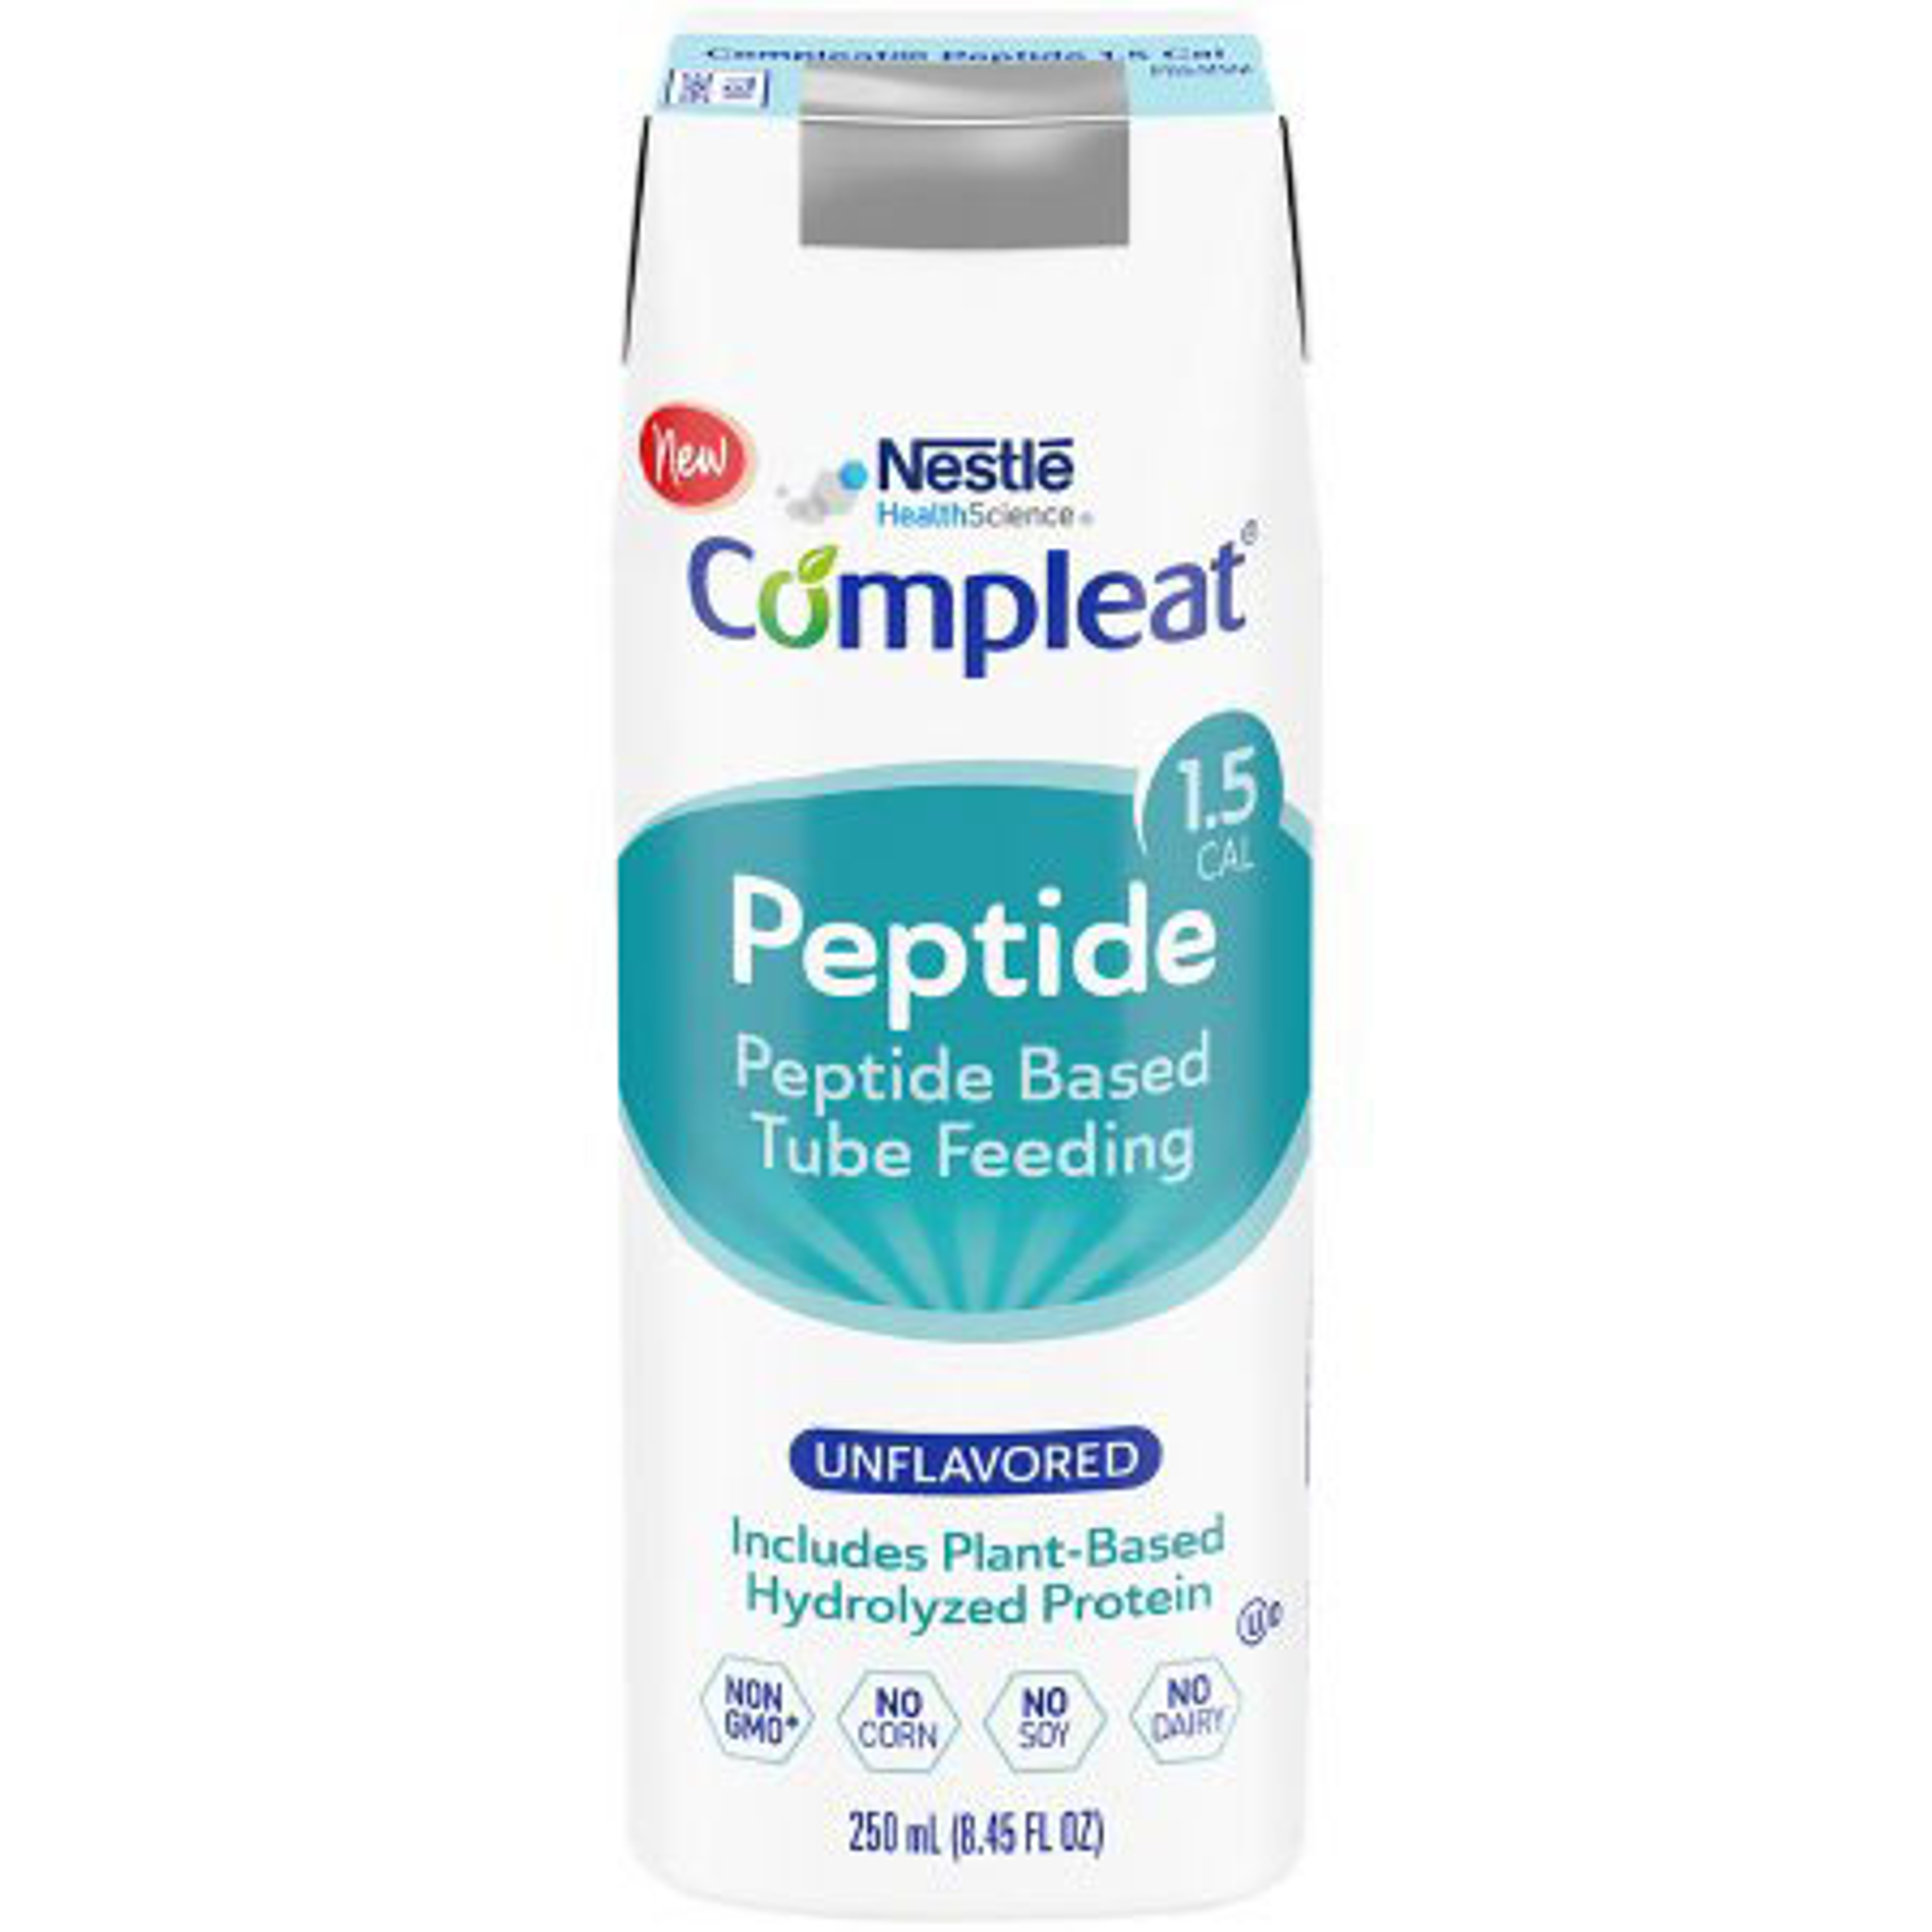 Compleat Peptide 1.5 Cal Tube Feeding Formula